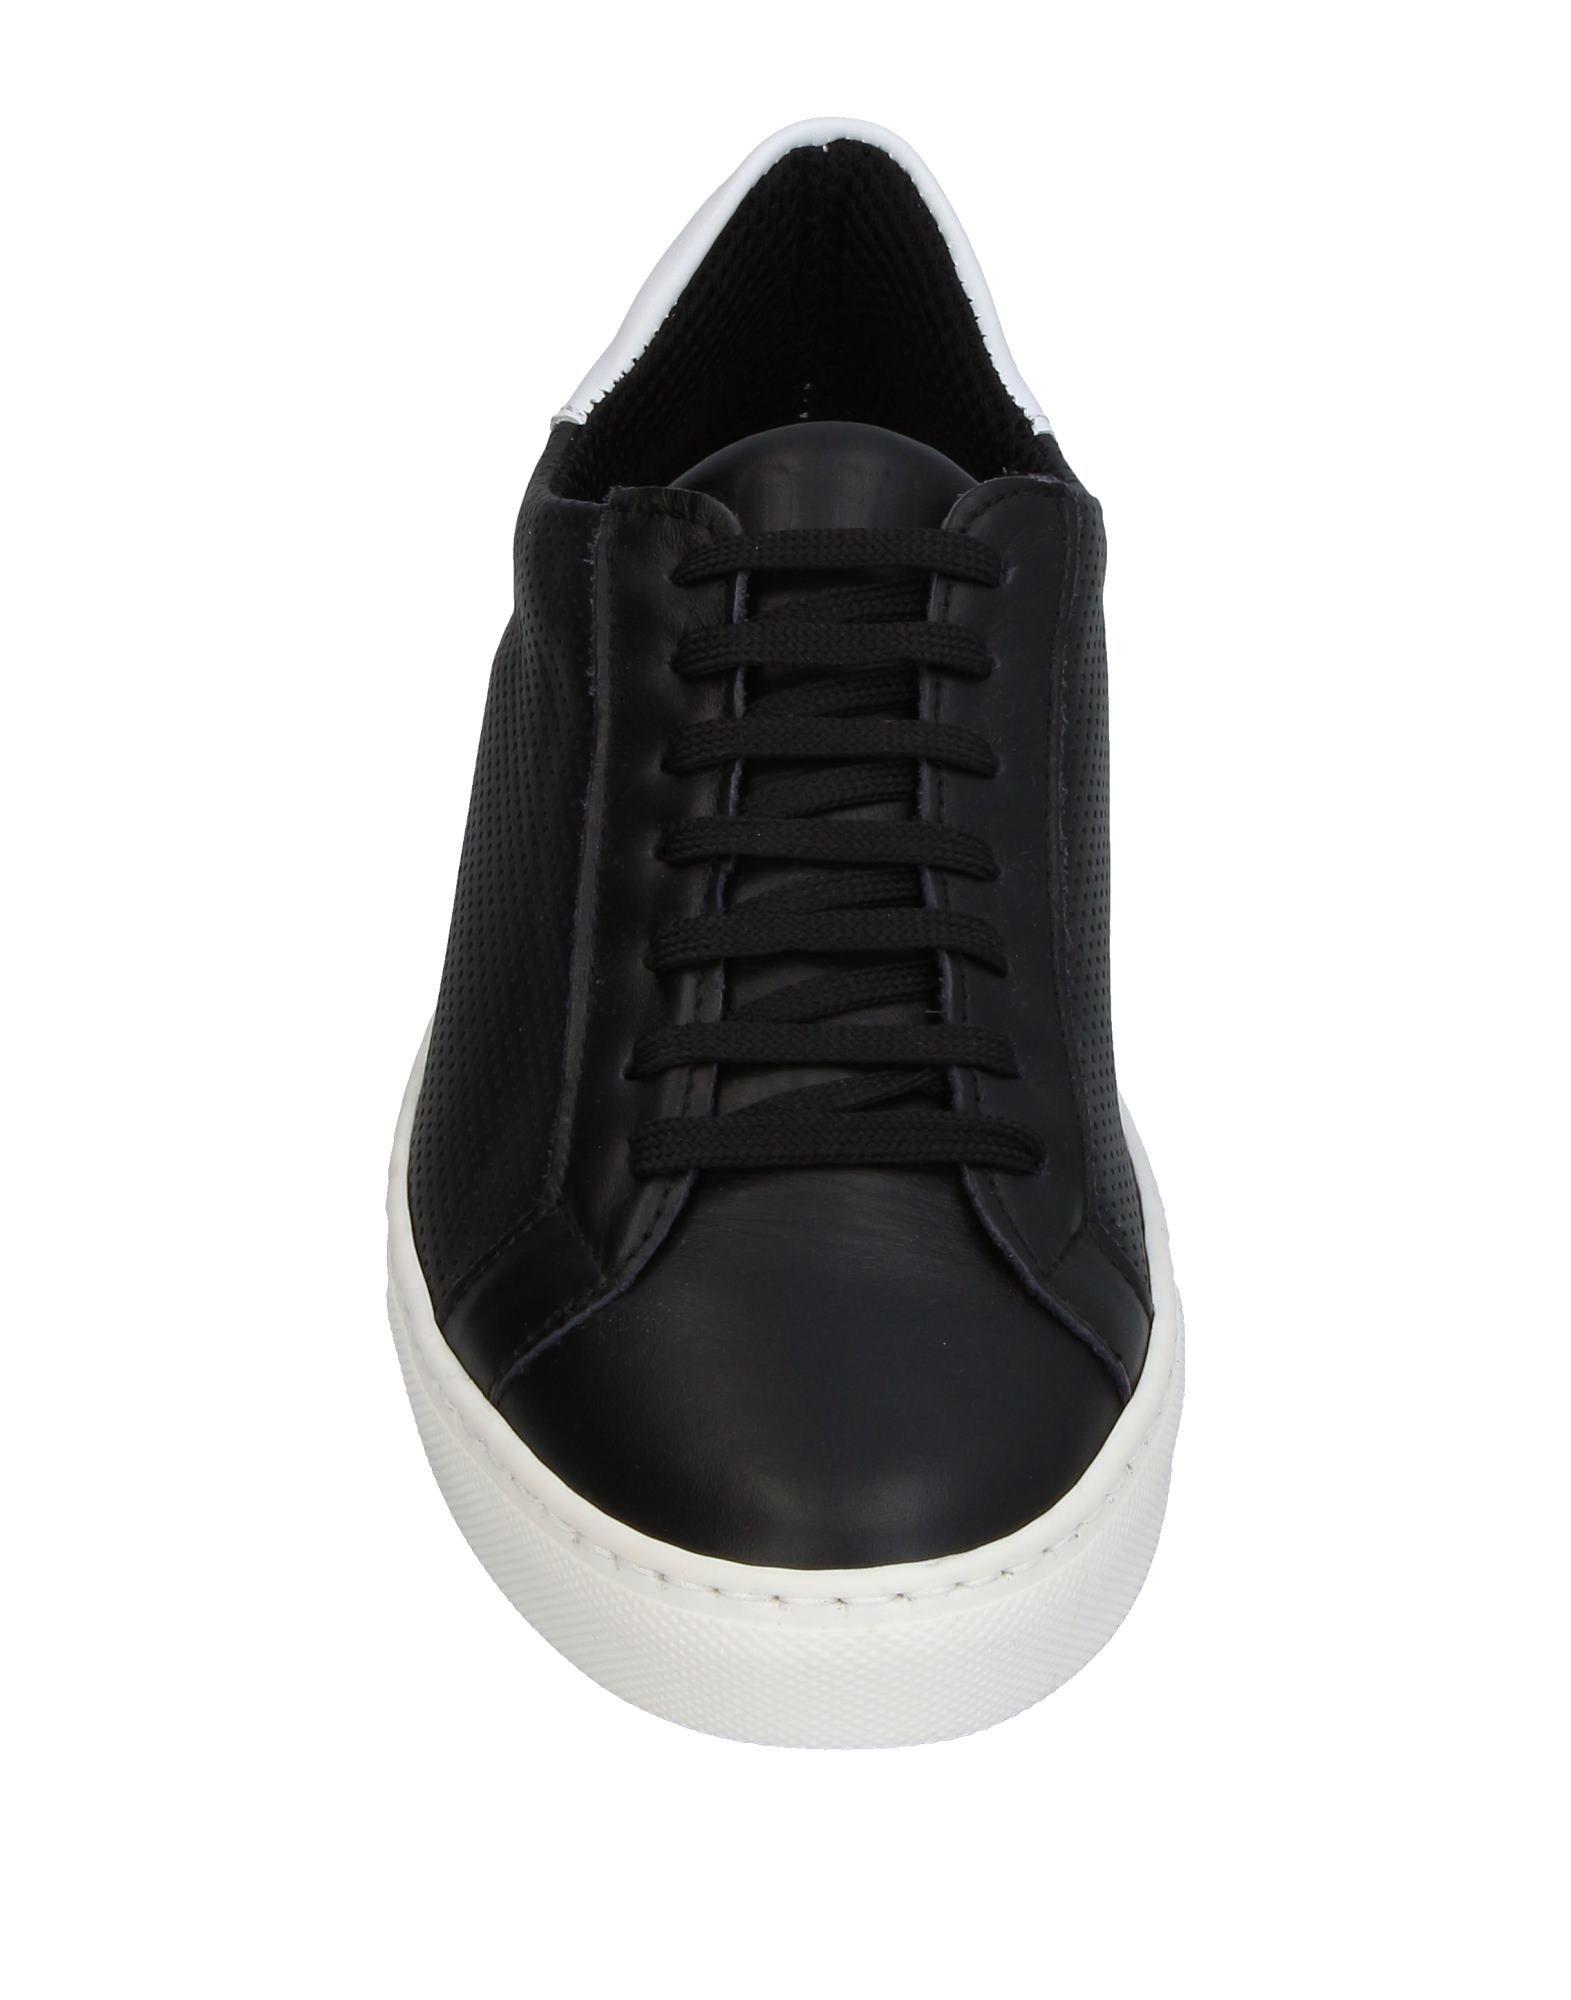 Dooa Sneakers Herren  Schuhe 11395491IM Heiße Schuhe  7c0e44